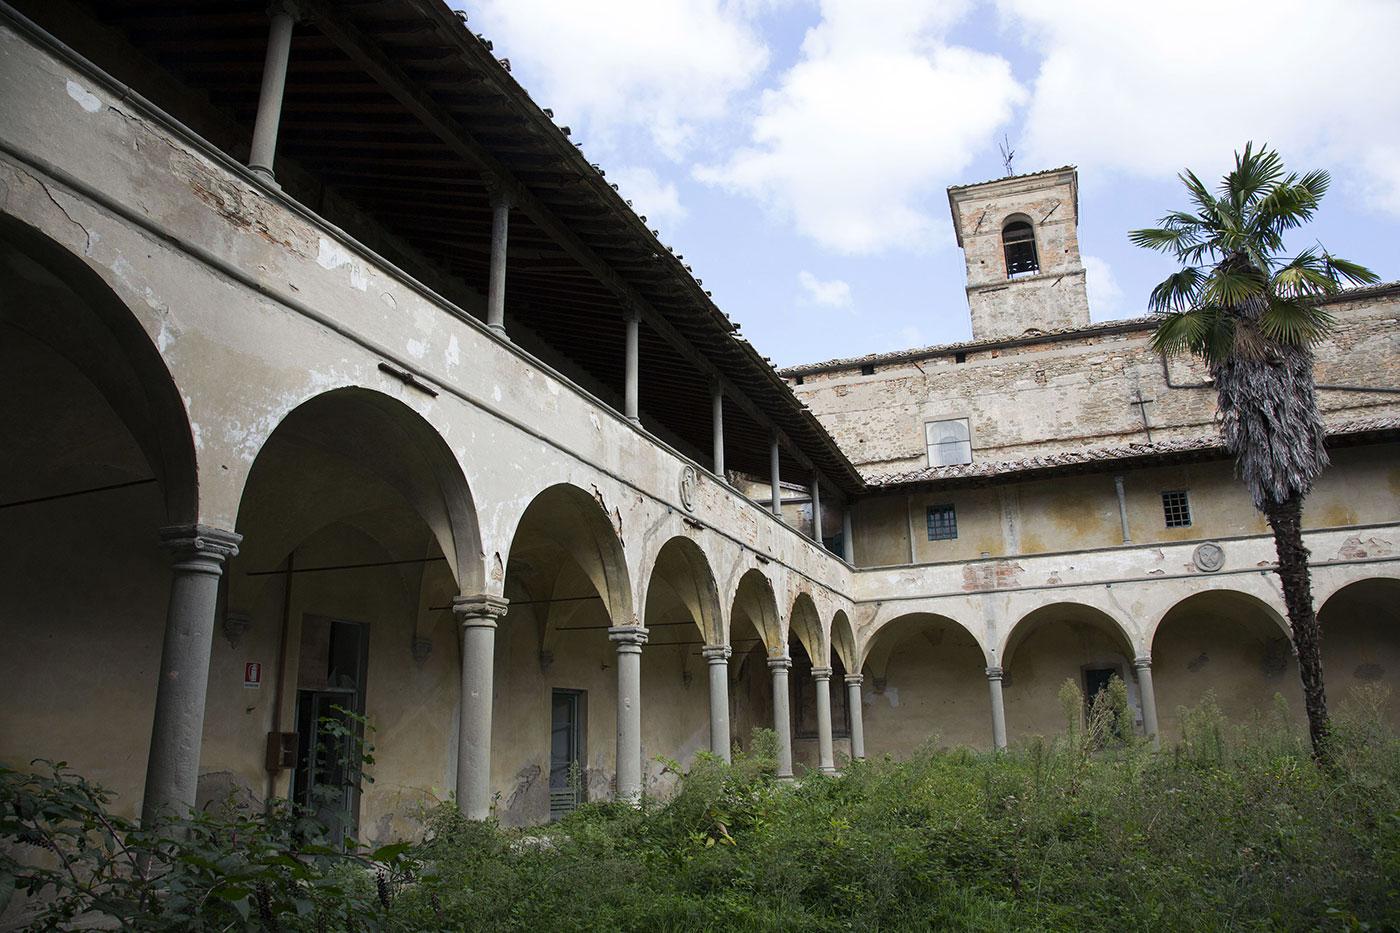 ex-monastero-ex-ospedale-luco-di-mugello-foto-francesco-noferini-2017-18